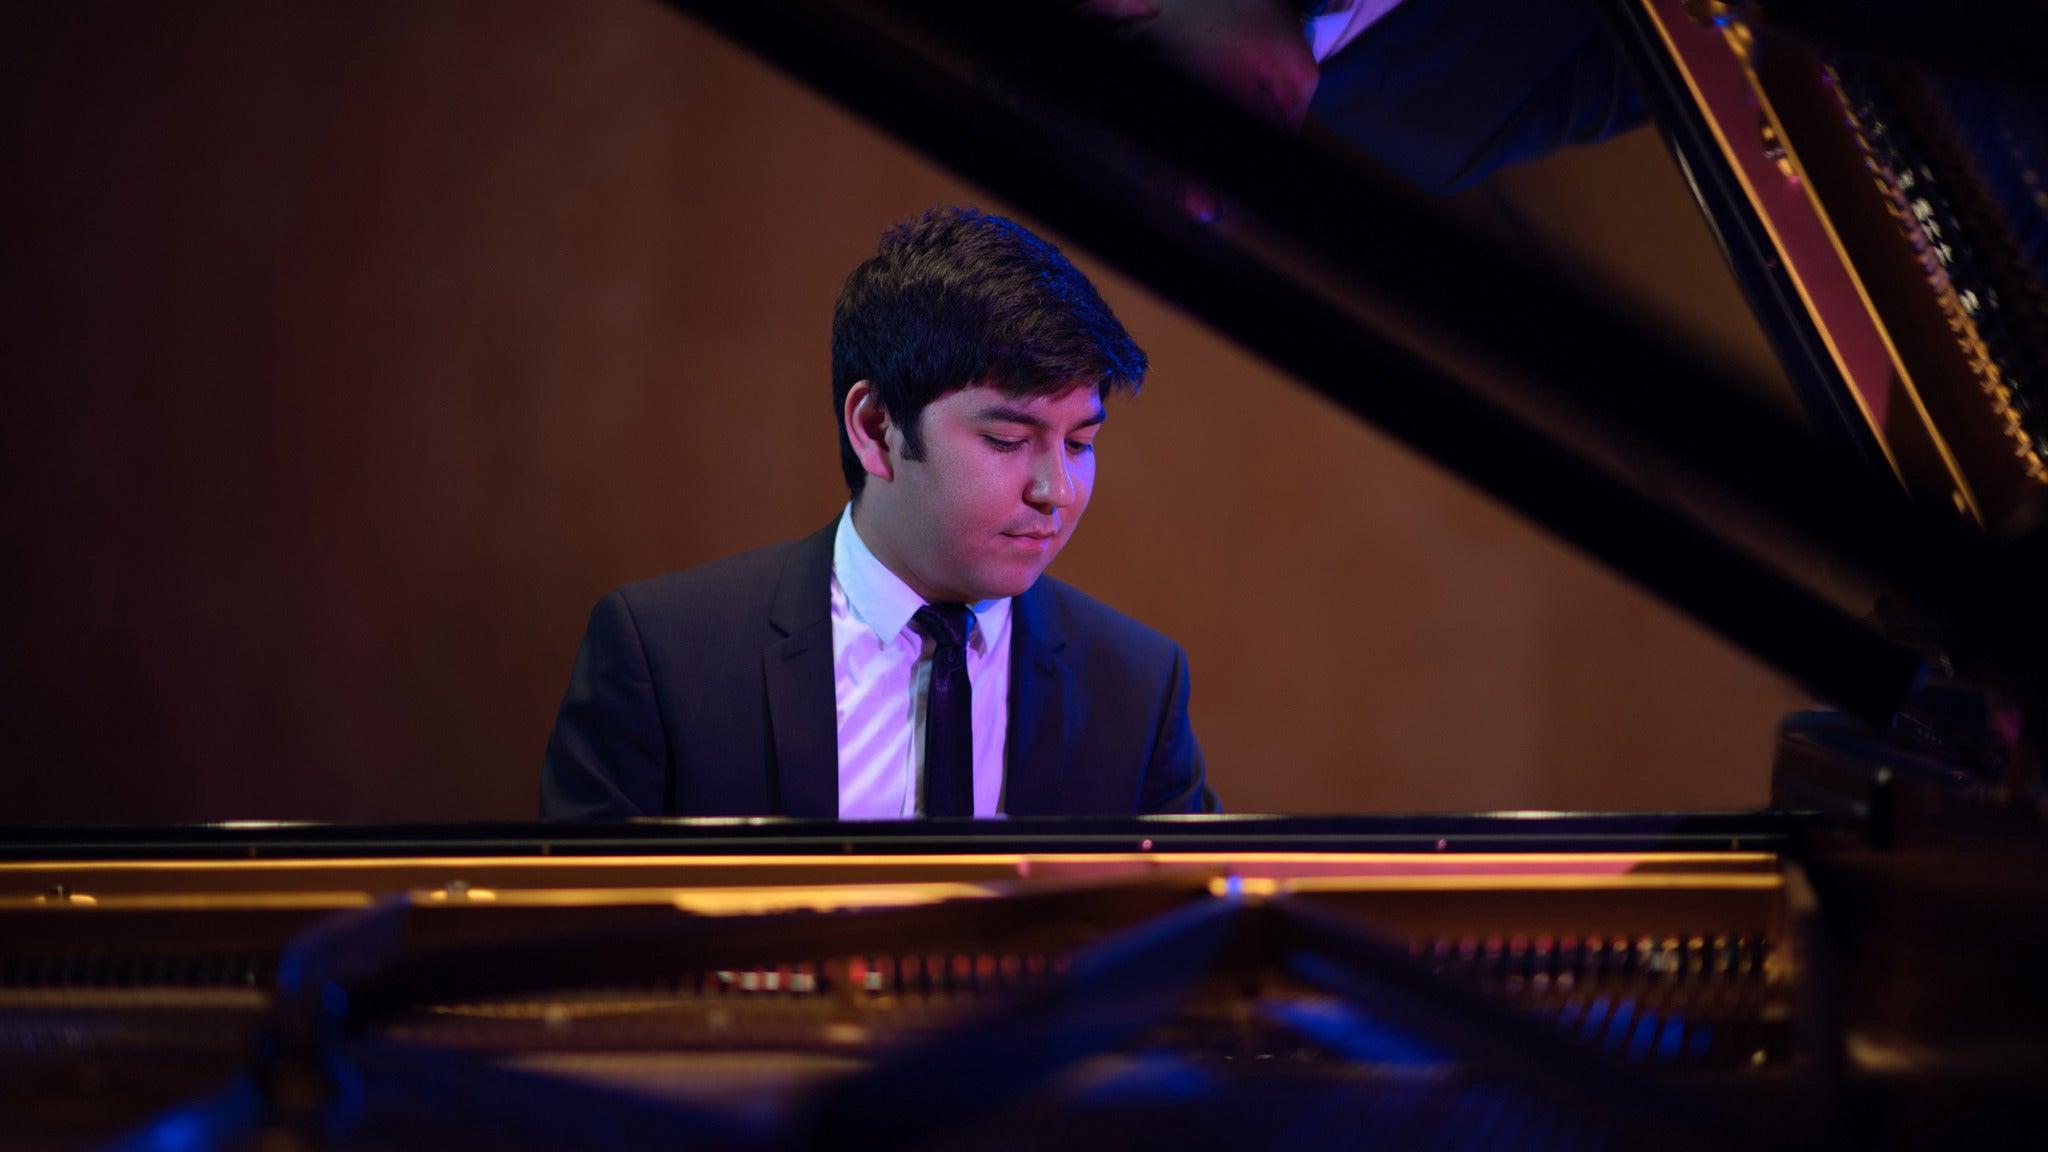 Behzod Abduraimov at Martin Theatre